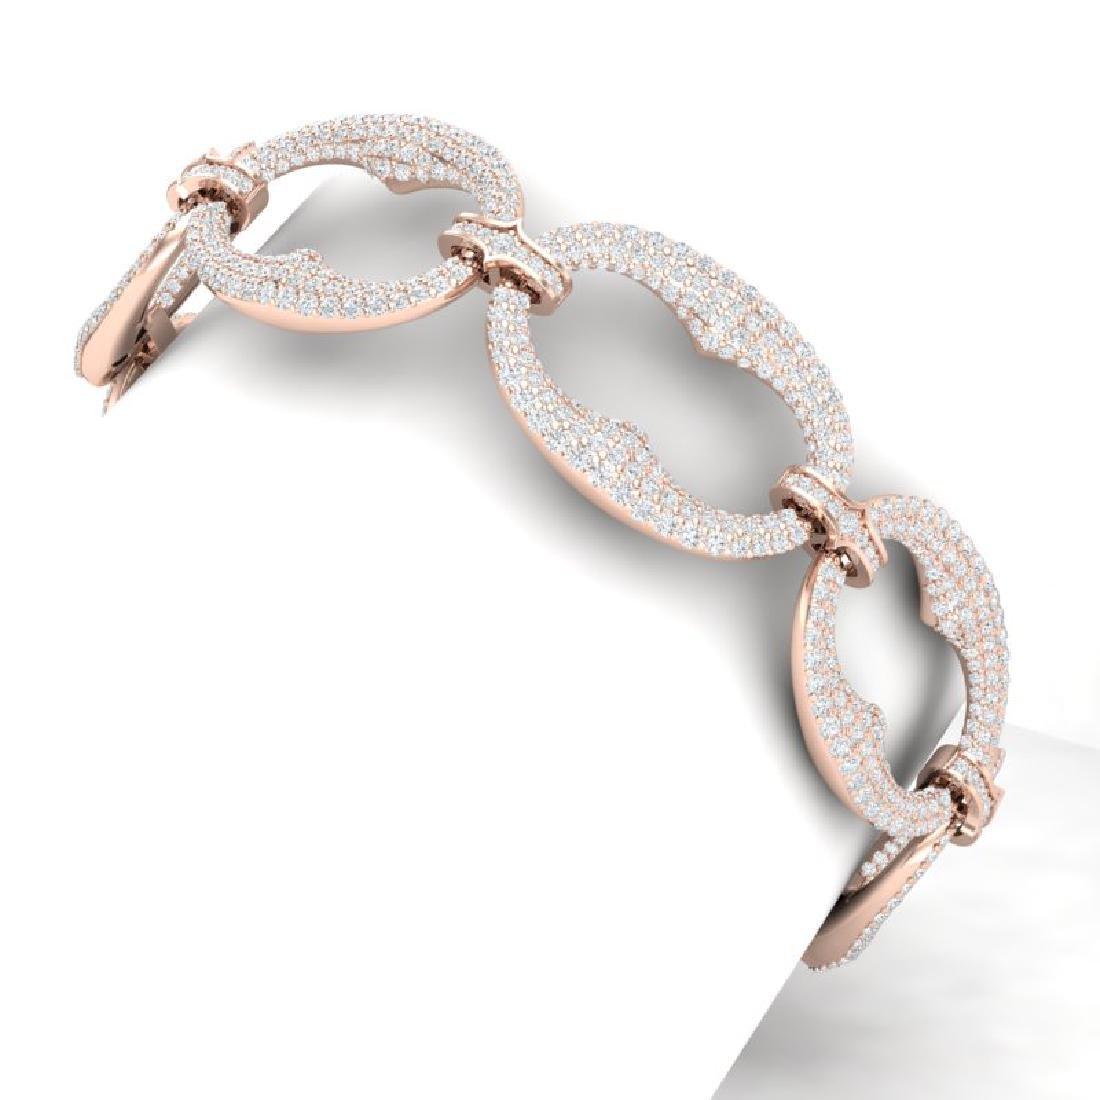 10 CTW Certified VS/SI Diamond Bracelet 18K Rose Gold